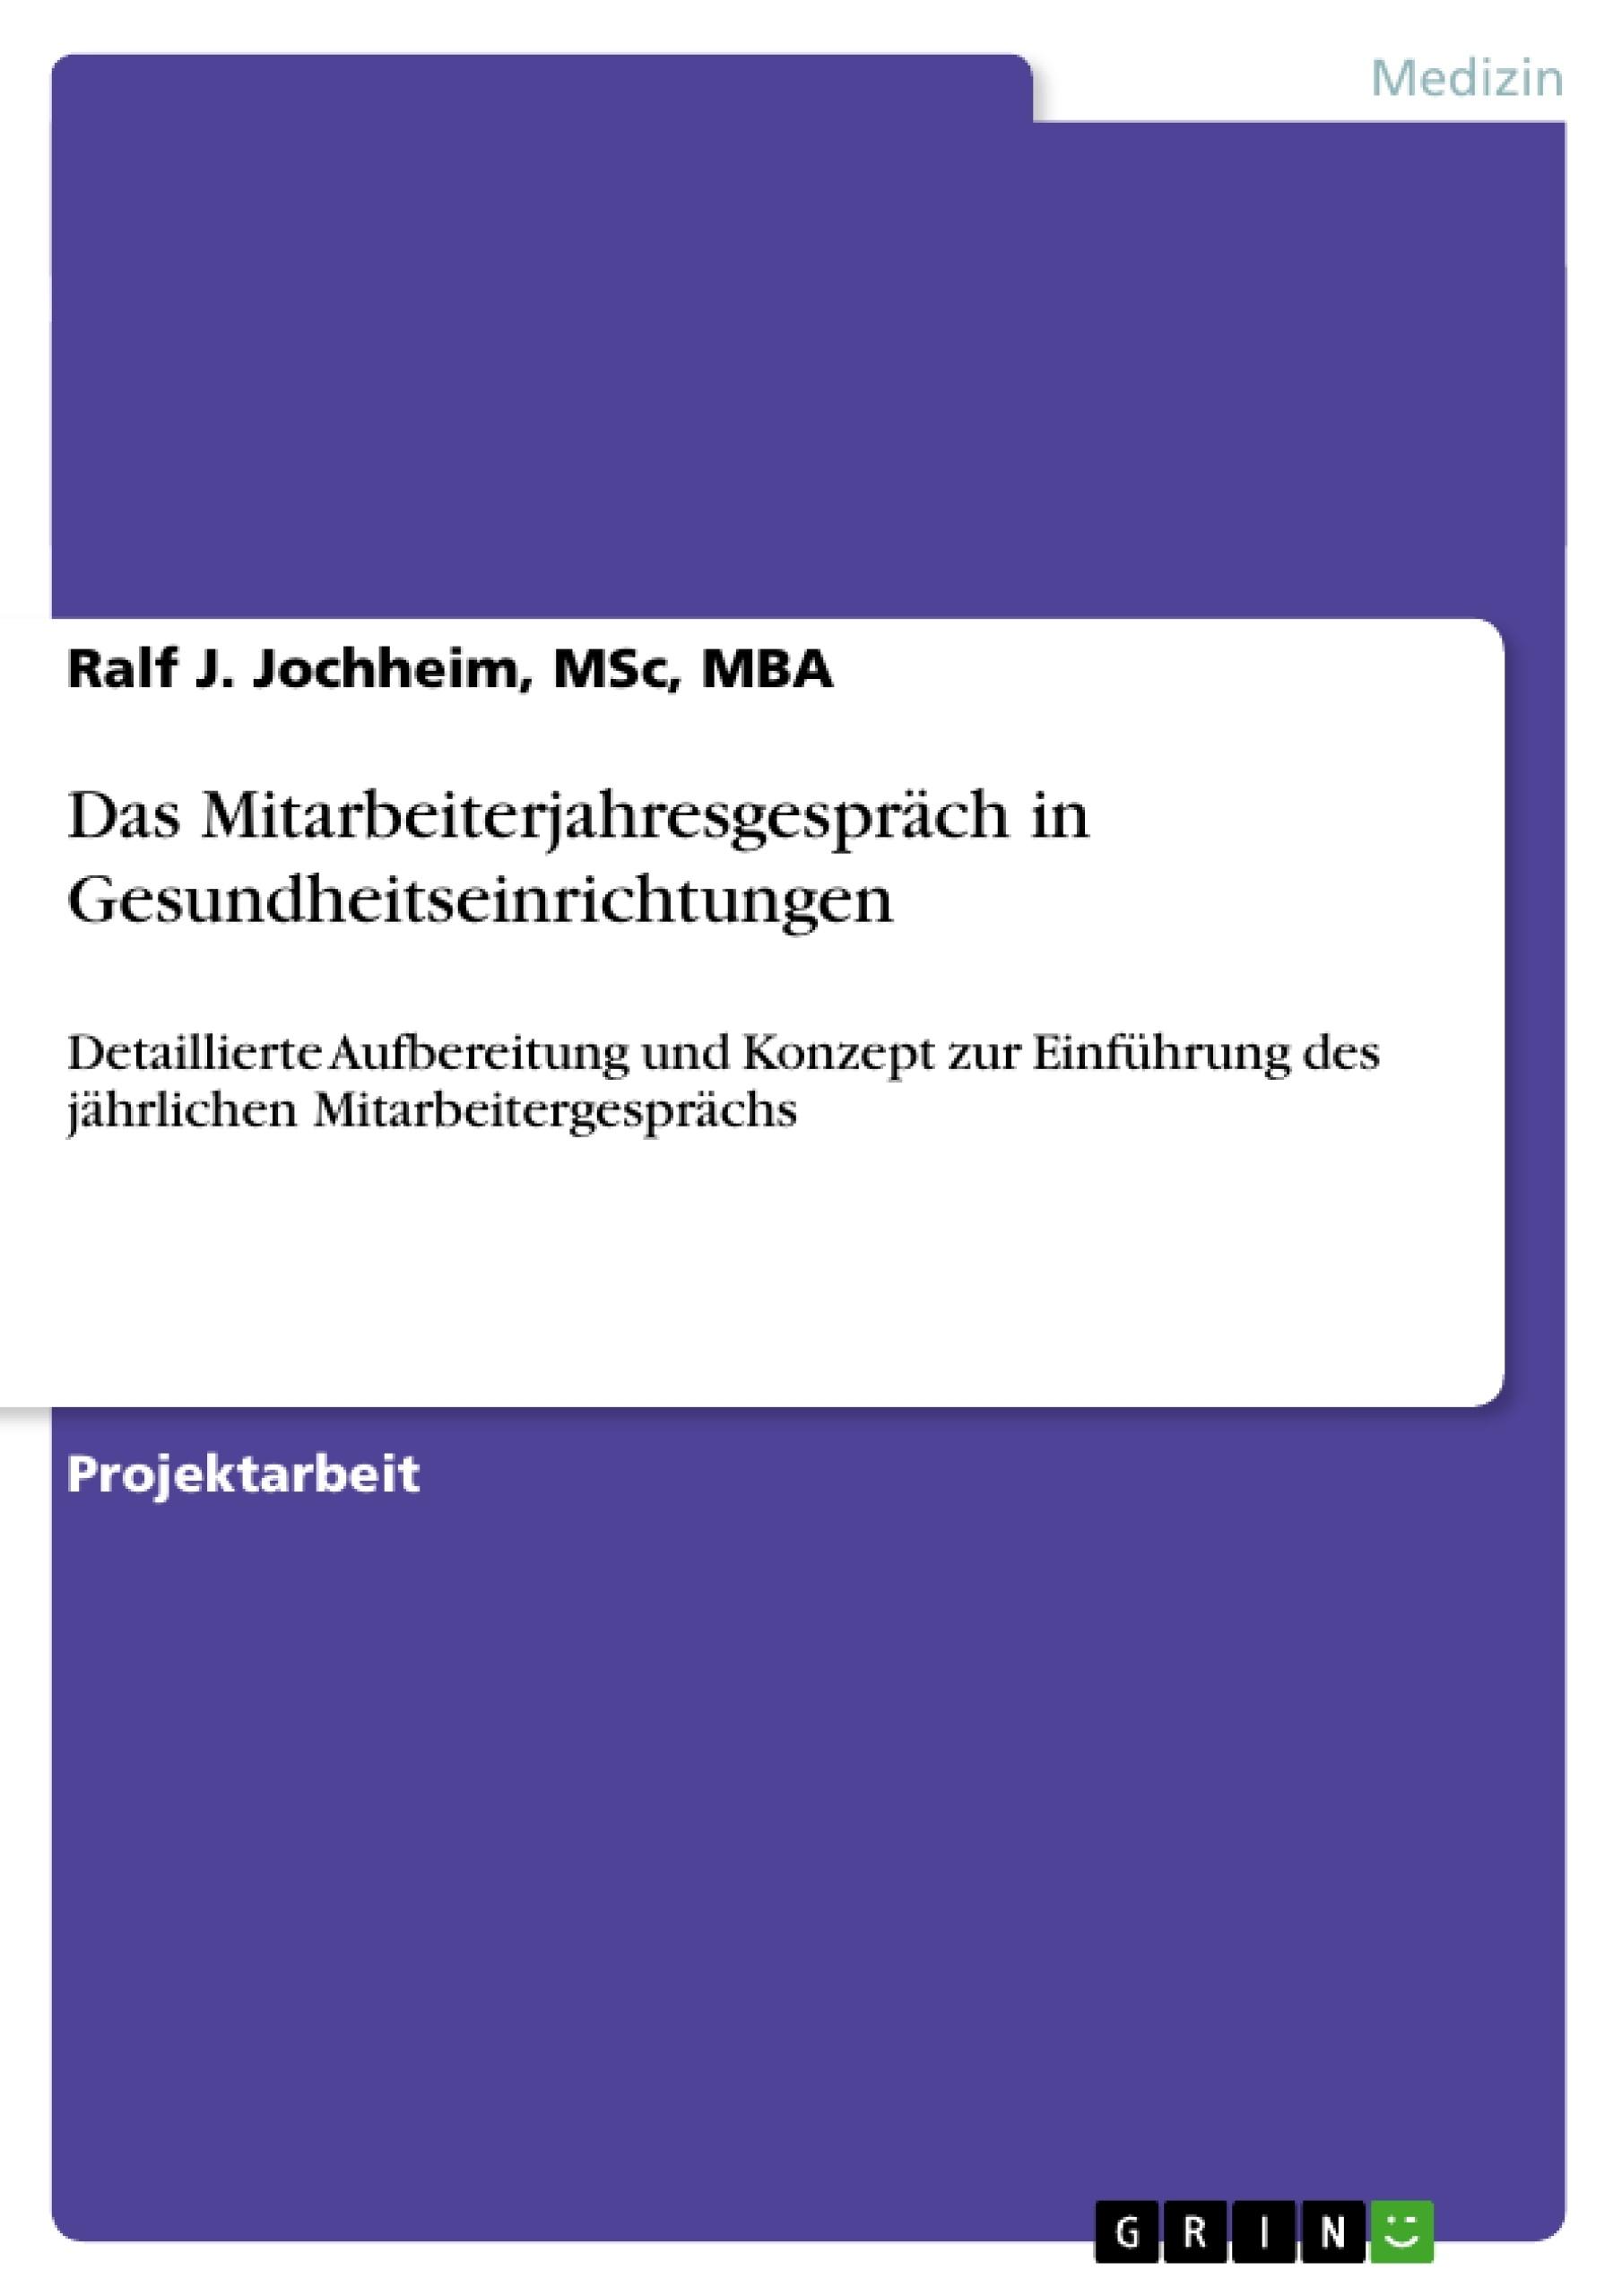 Titel: Das Mitarbeiterjahresgespräch in Gesundheitseinrichtungen